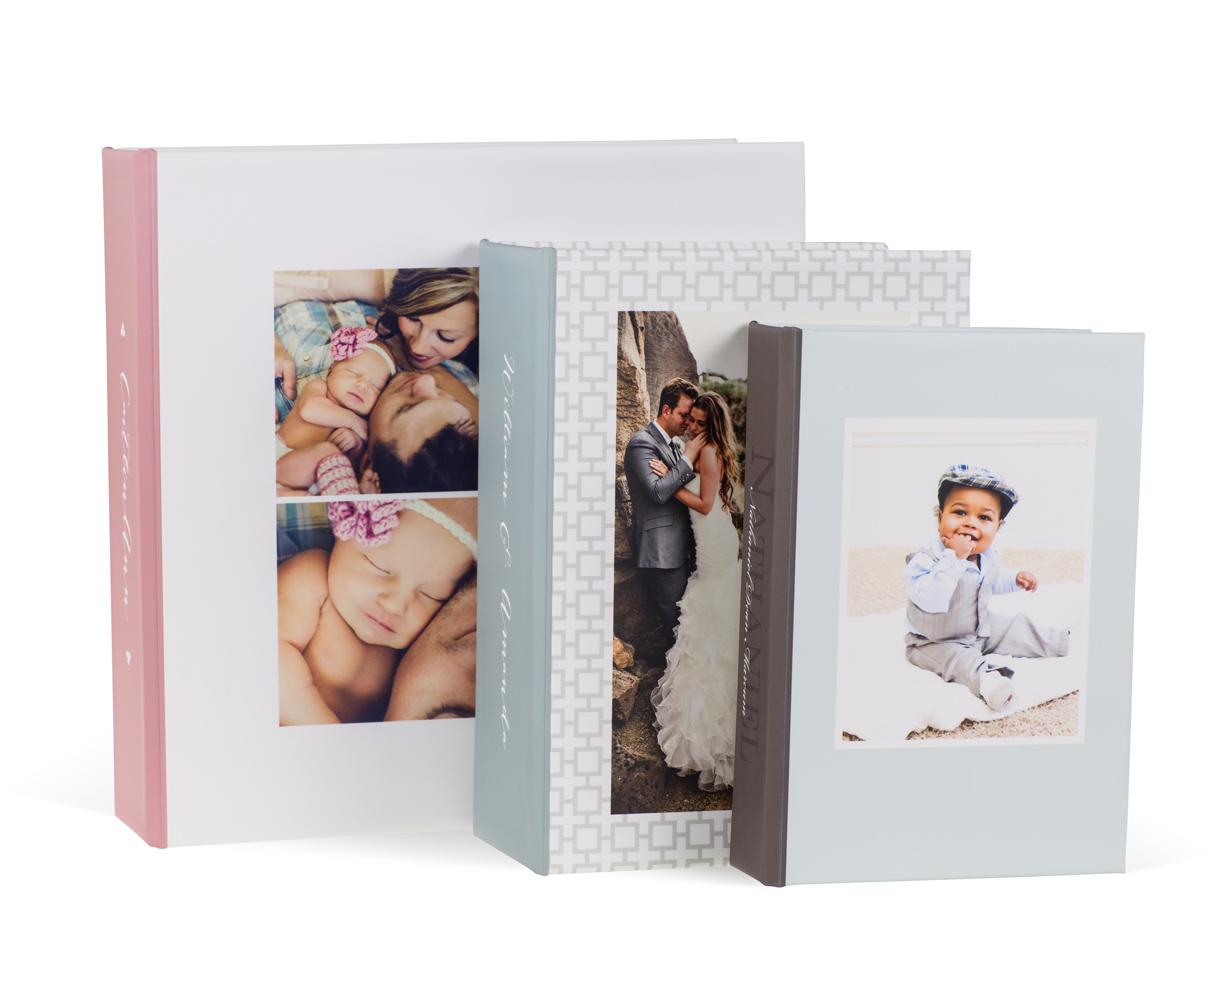 Image Box Samples - Vertical